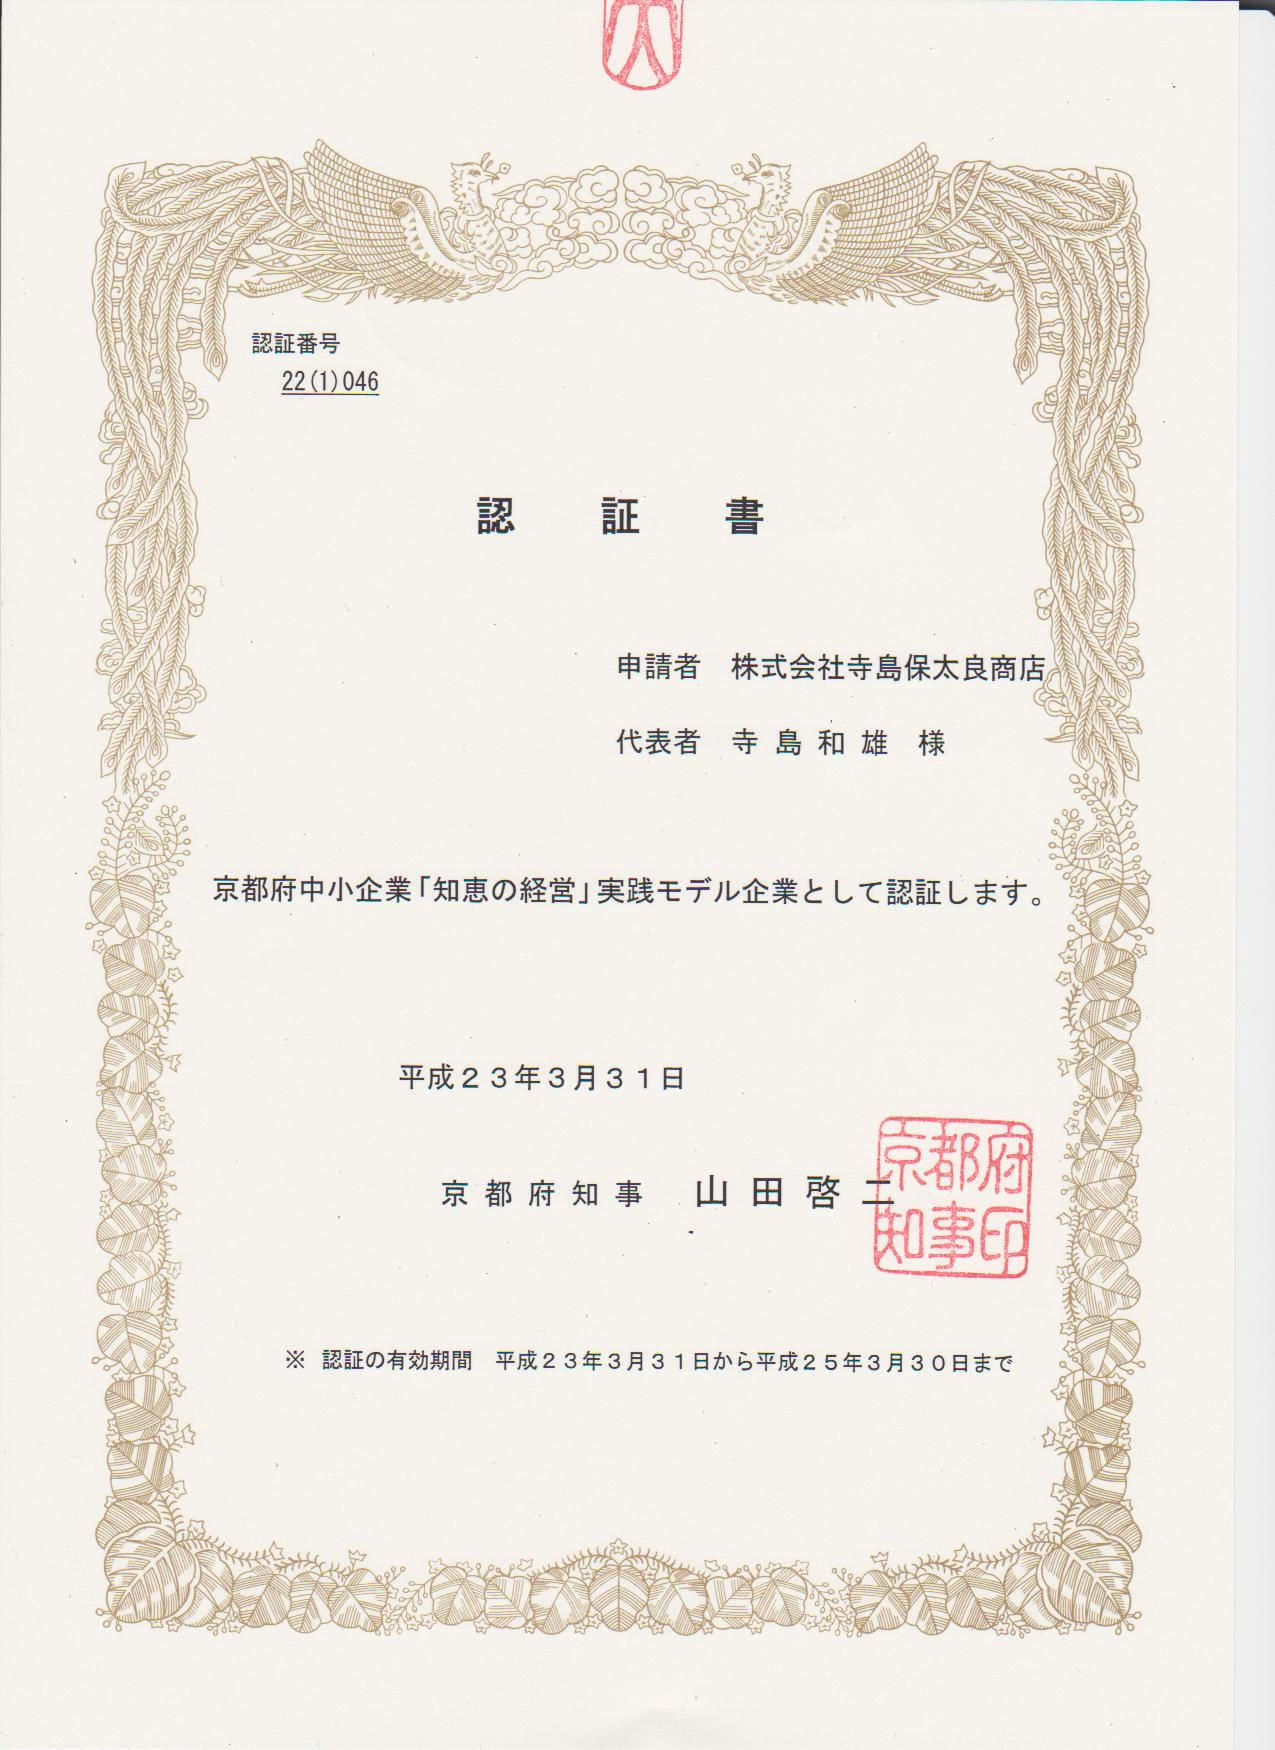 「知恵の経営」実践モデル企業の認証を戴きました。_d0176048_18524091.jpg